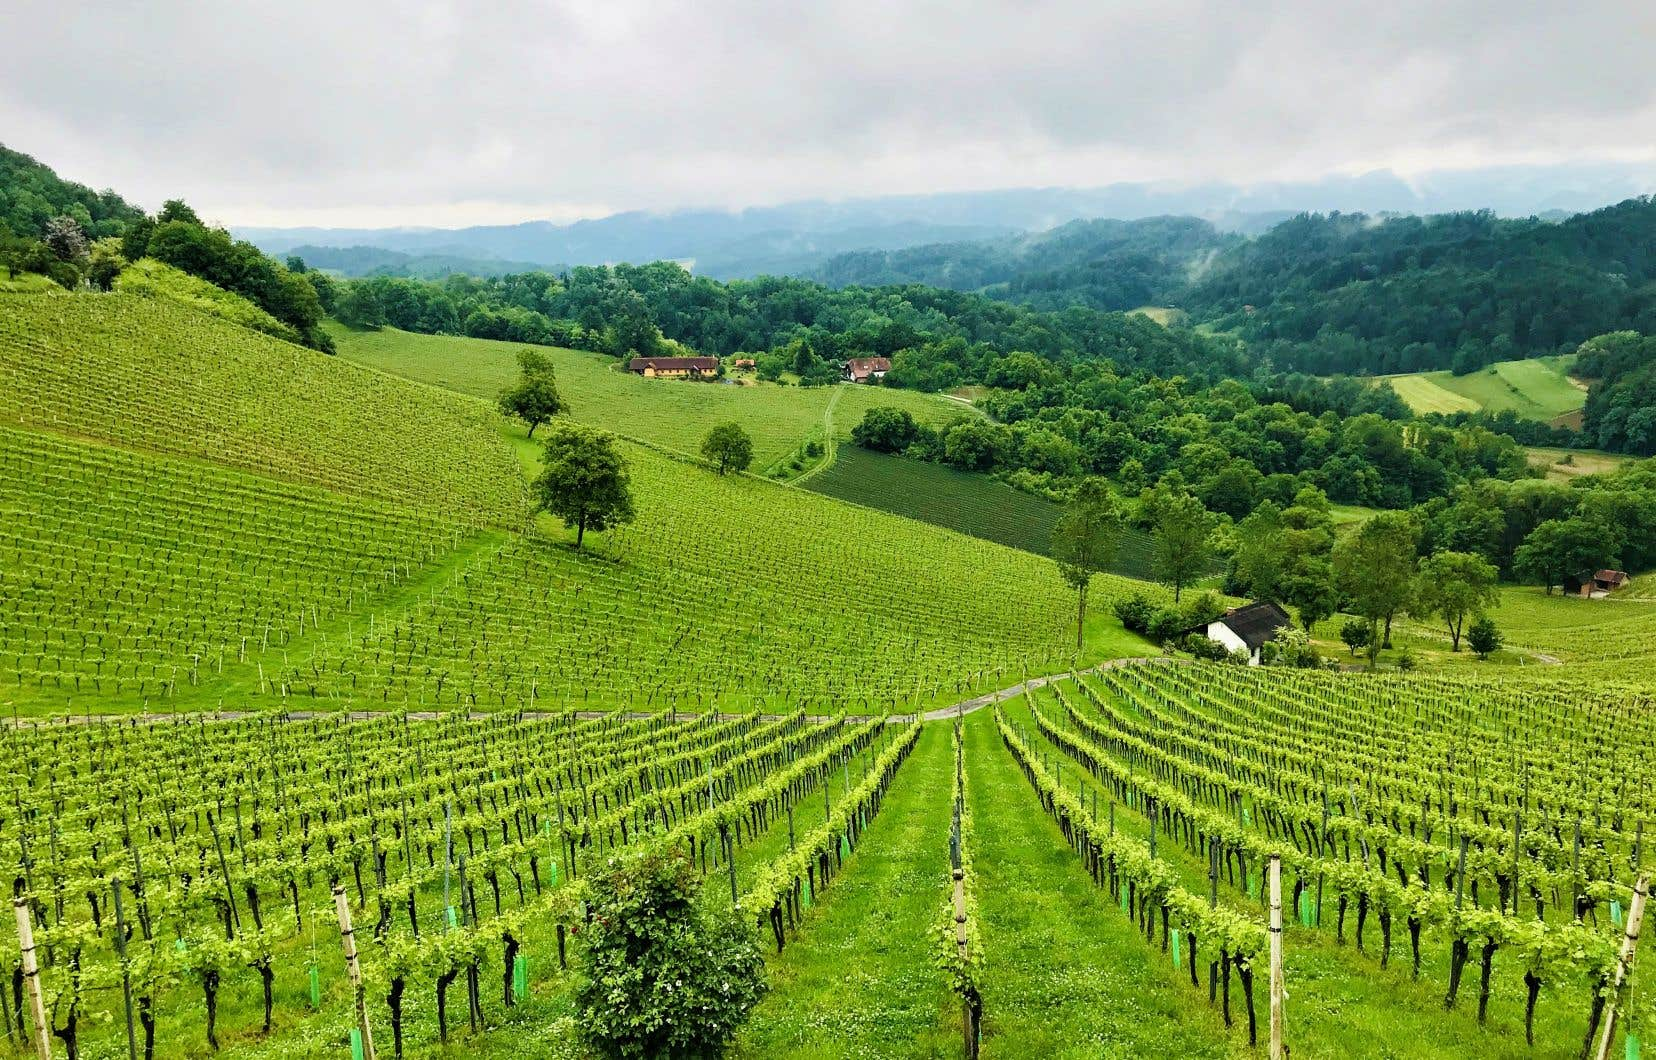 Des sauvignons blancs d'exception  au vignoble Tement  en Styrie  avec,  au loin,   la frontière Slovène